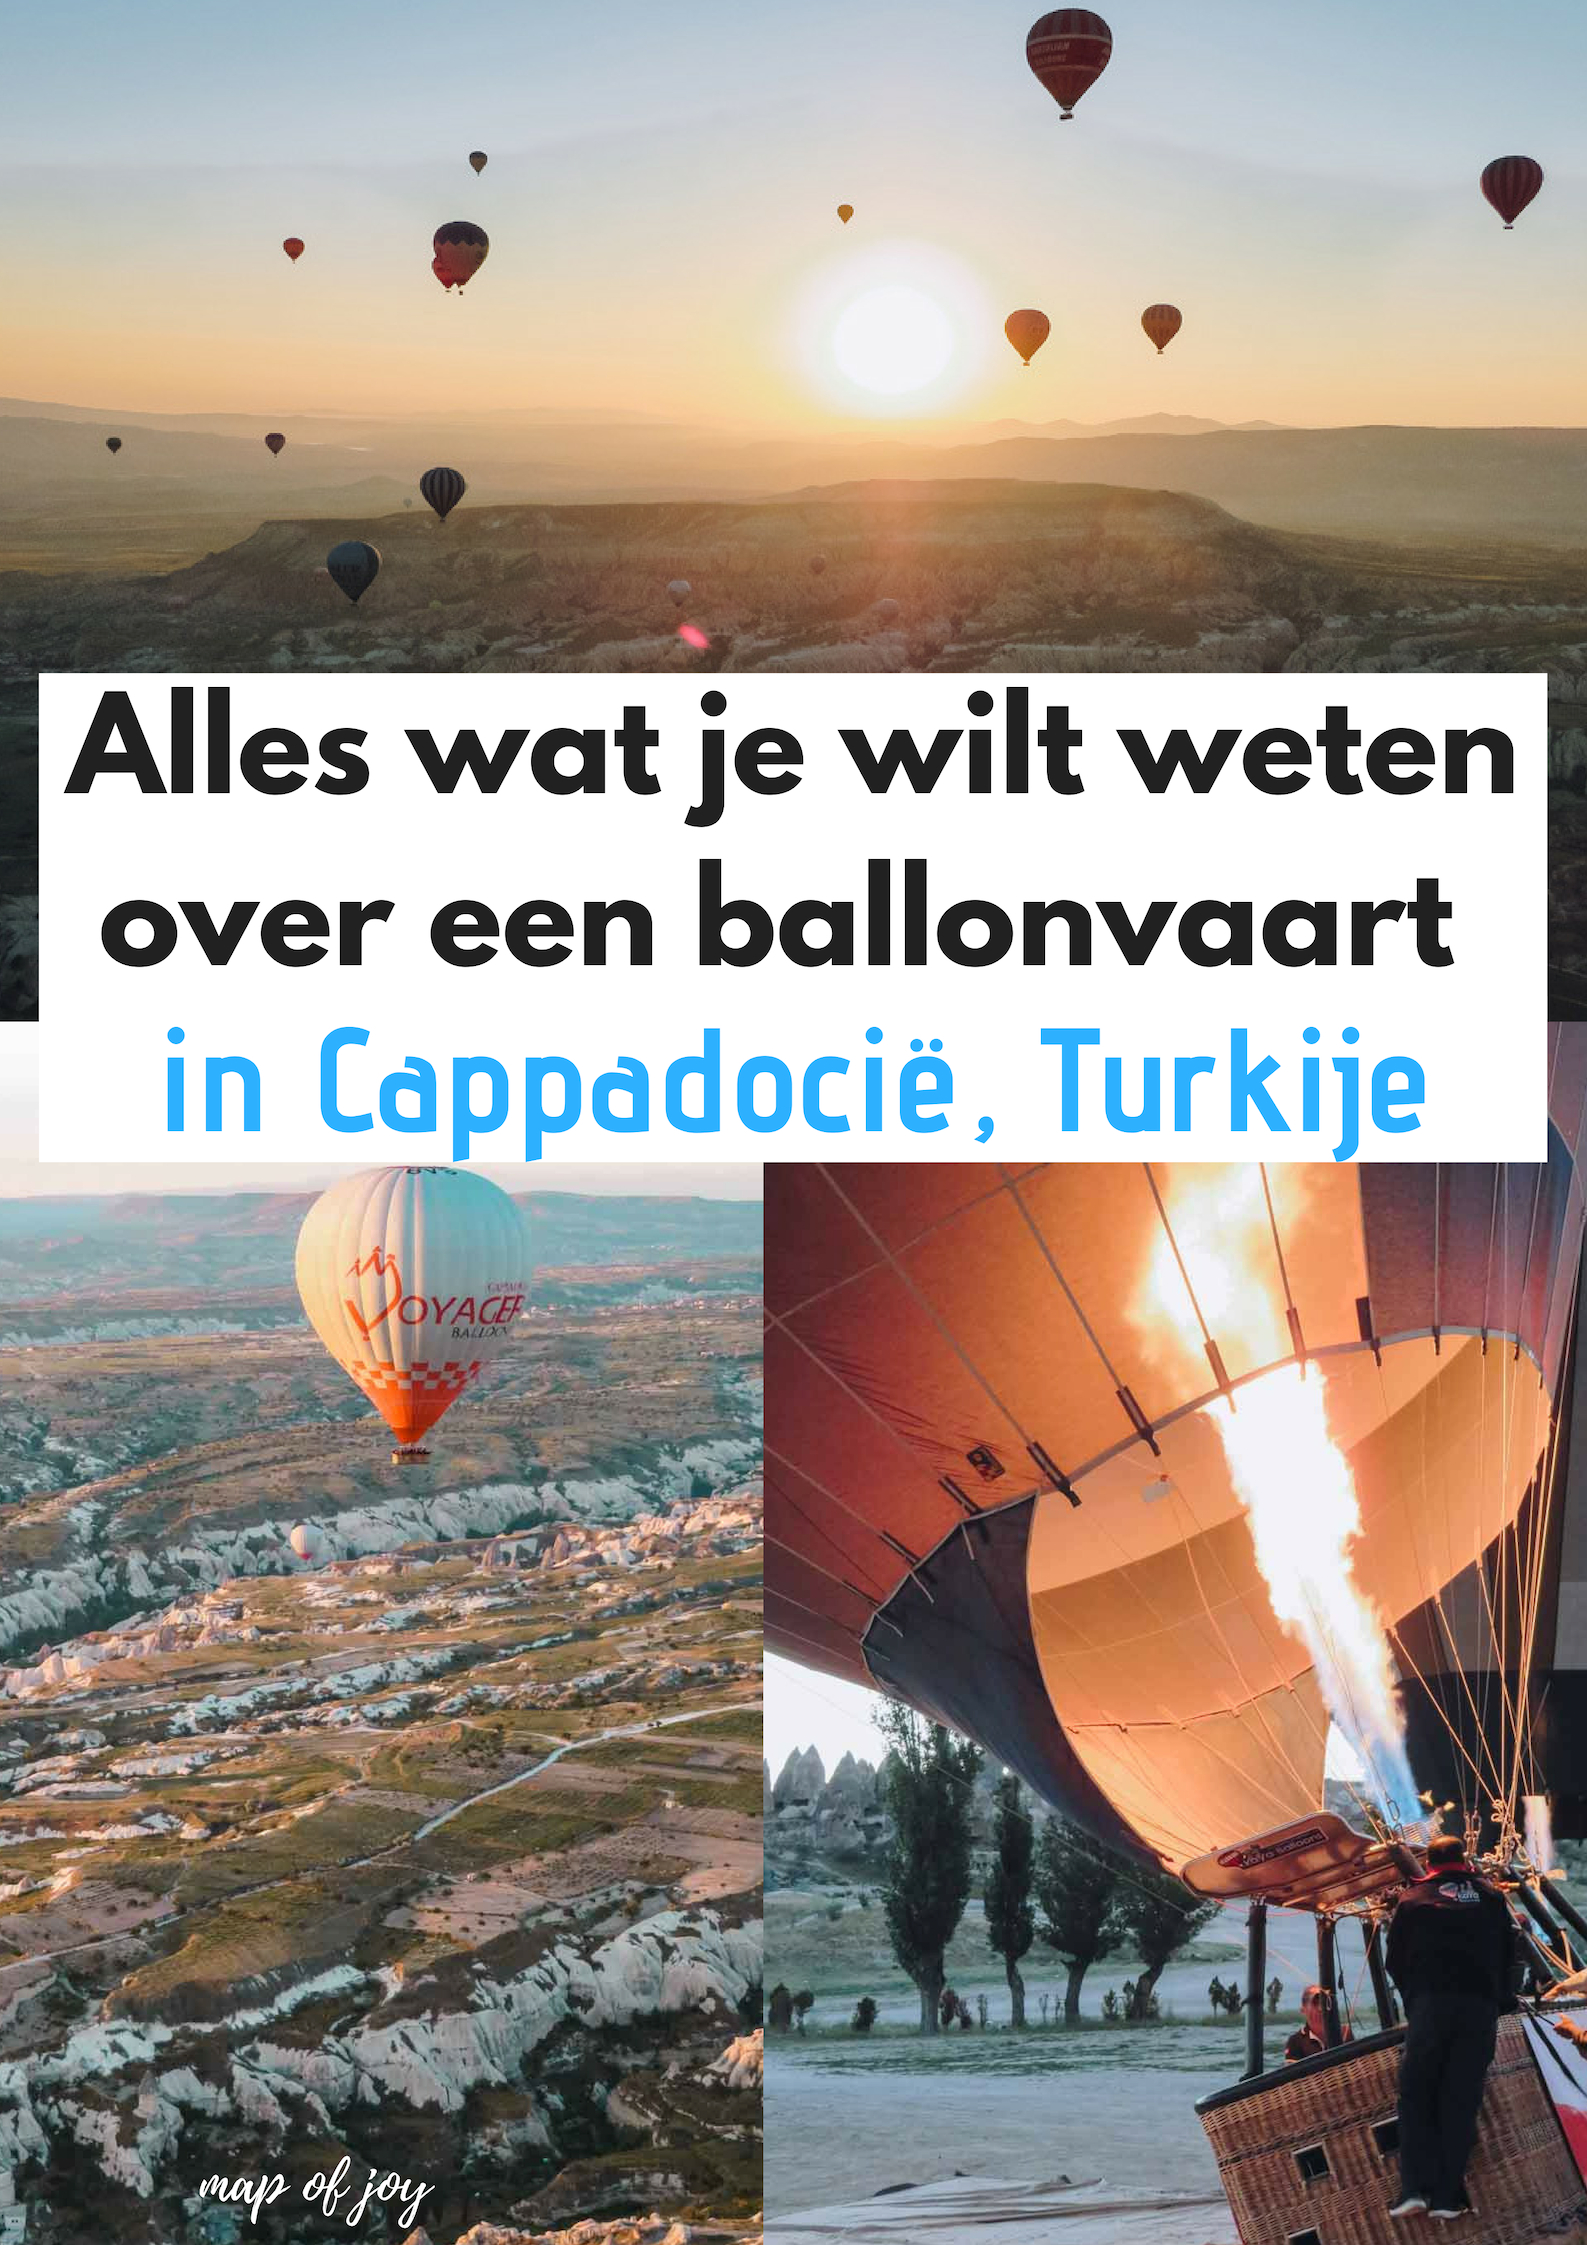 alles wat je wilt weten over een ballonvaart in Cappadocië, Turkije - Map of Joy